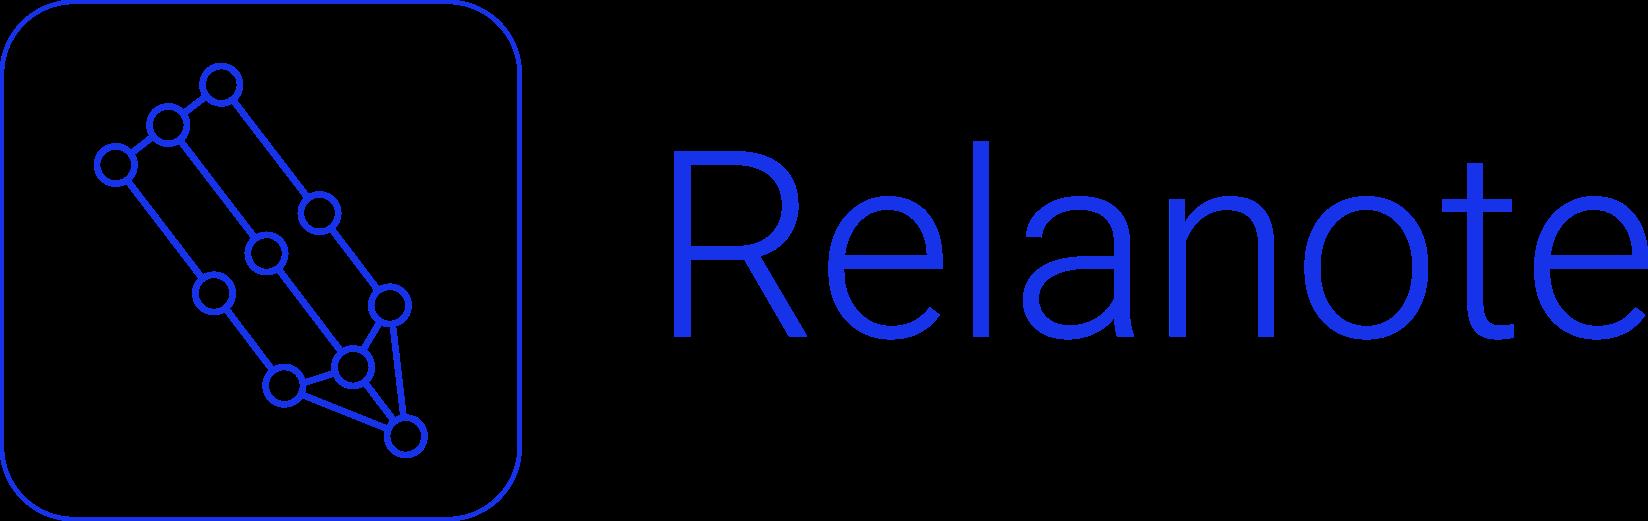 Relanote